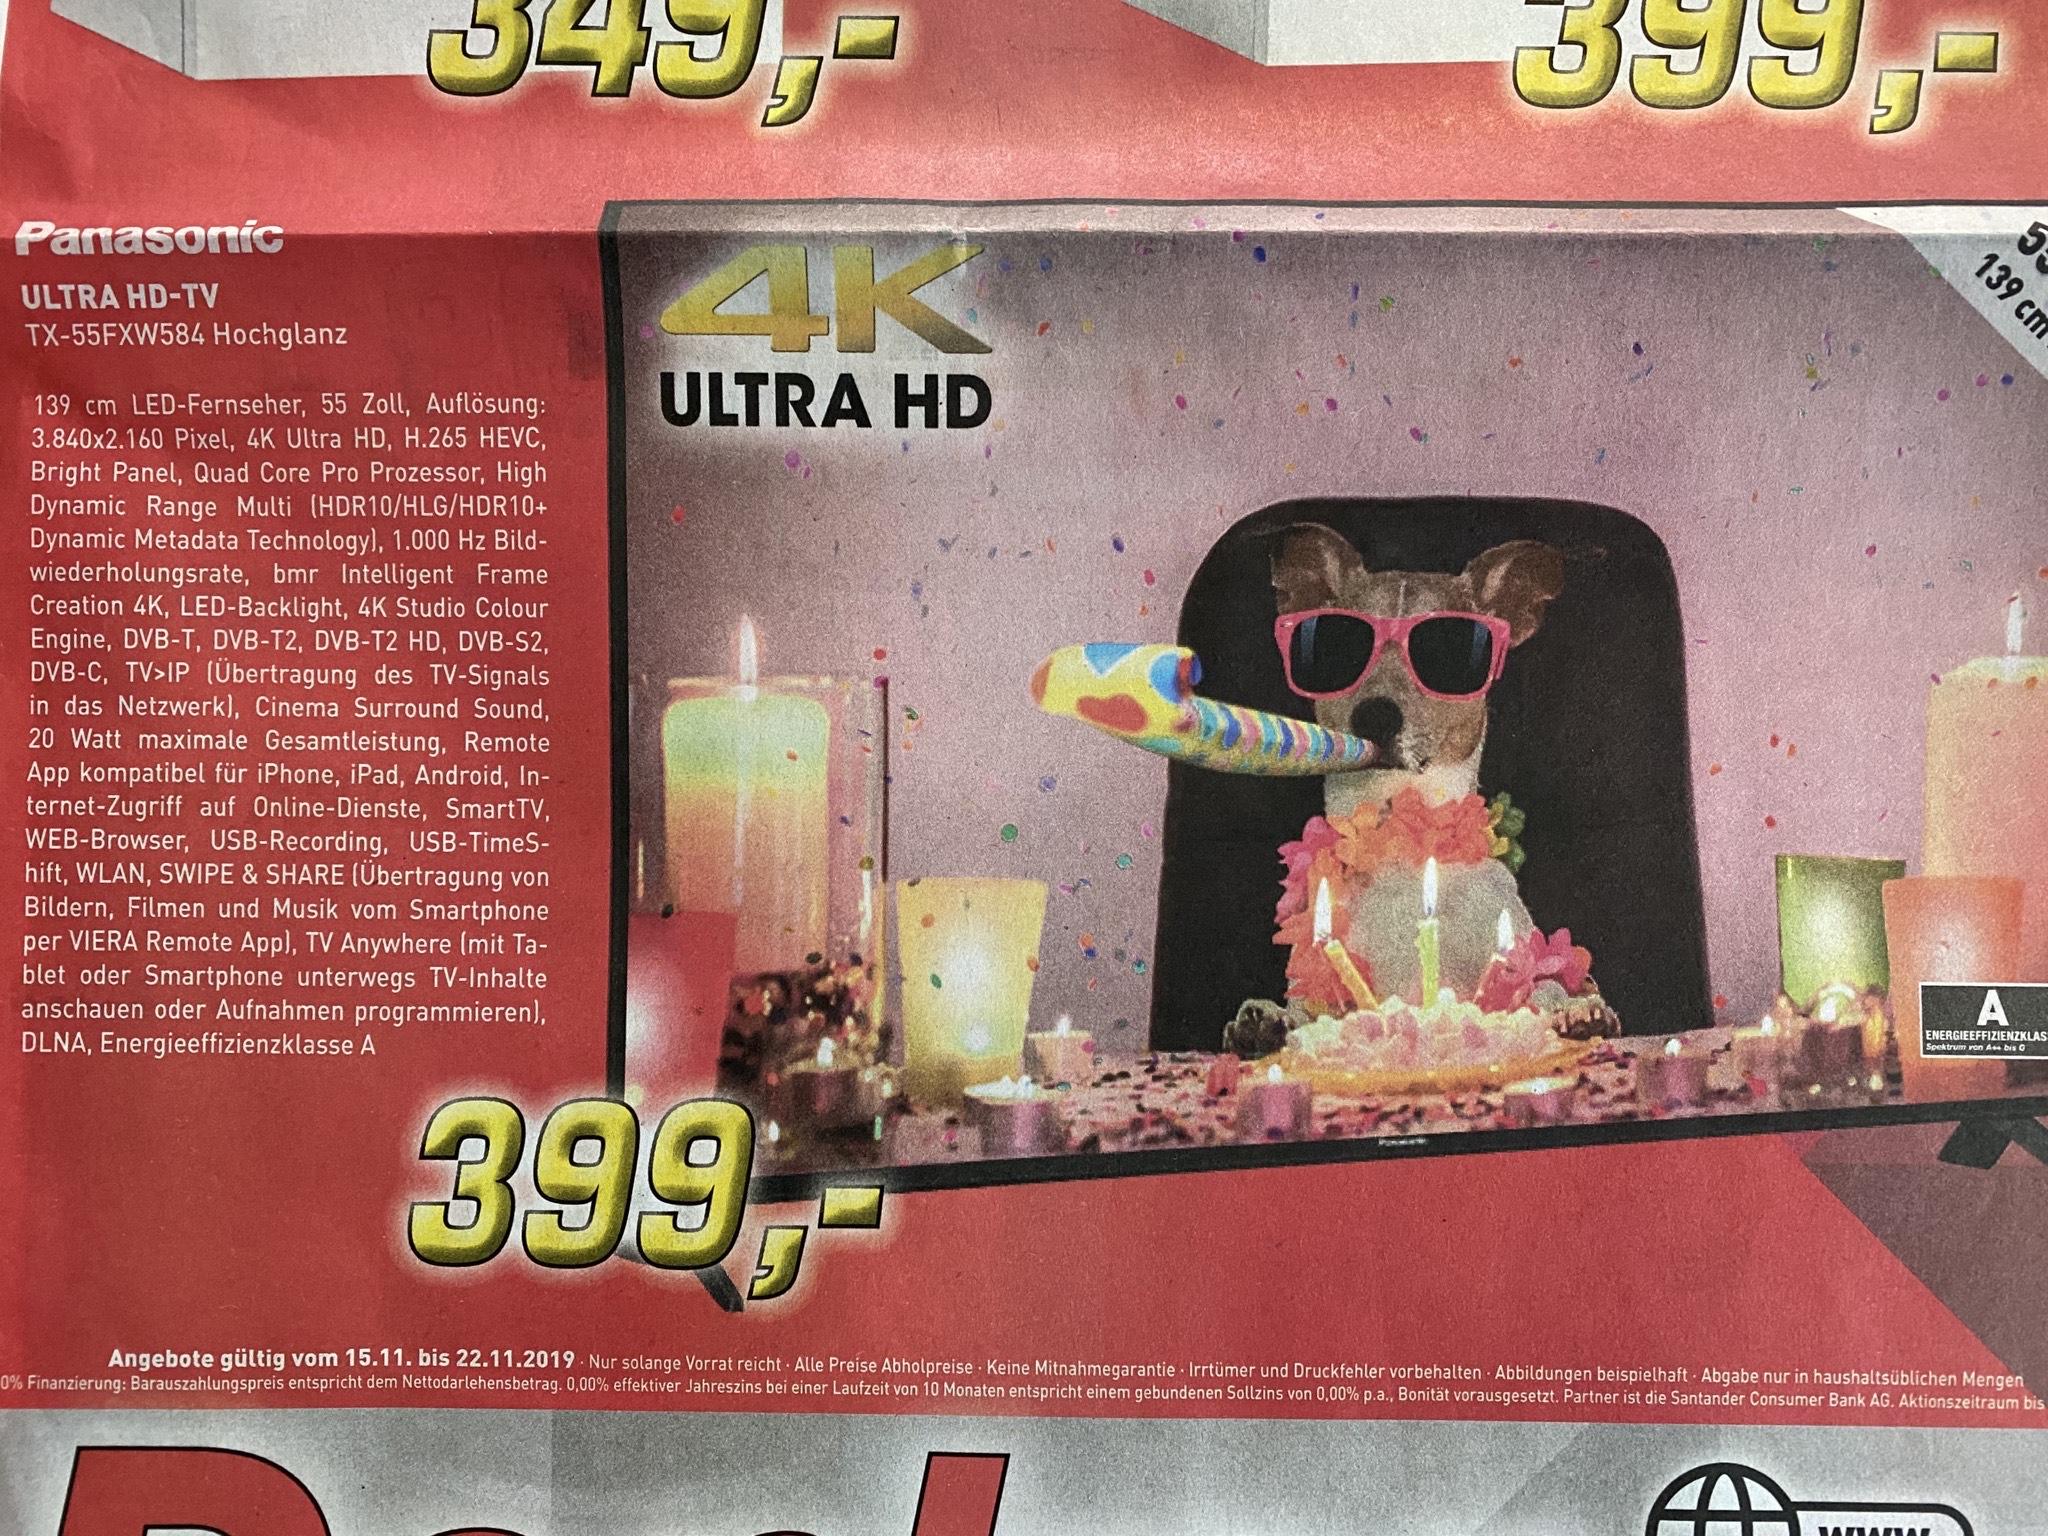 """Panasonic TX-55FXW584 - 55"""" UHD Fernseher mit Tripletuner für 399€ bei EP Denker in Borken(Westf.)!"""